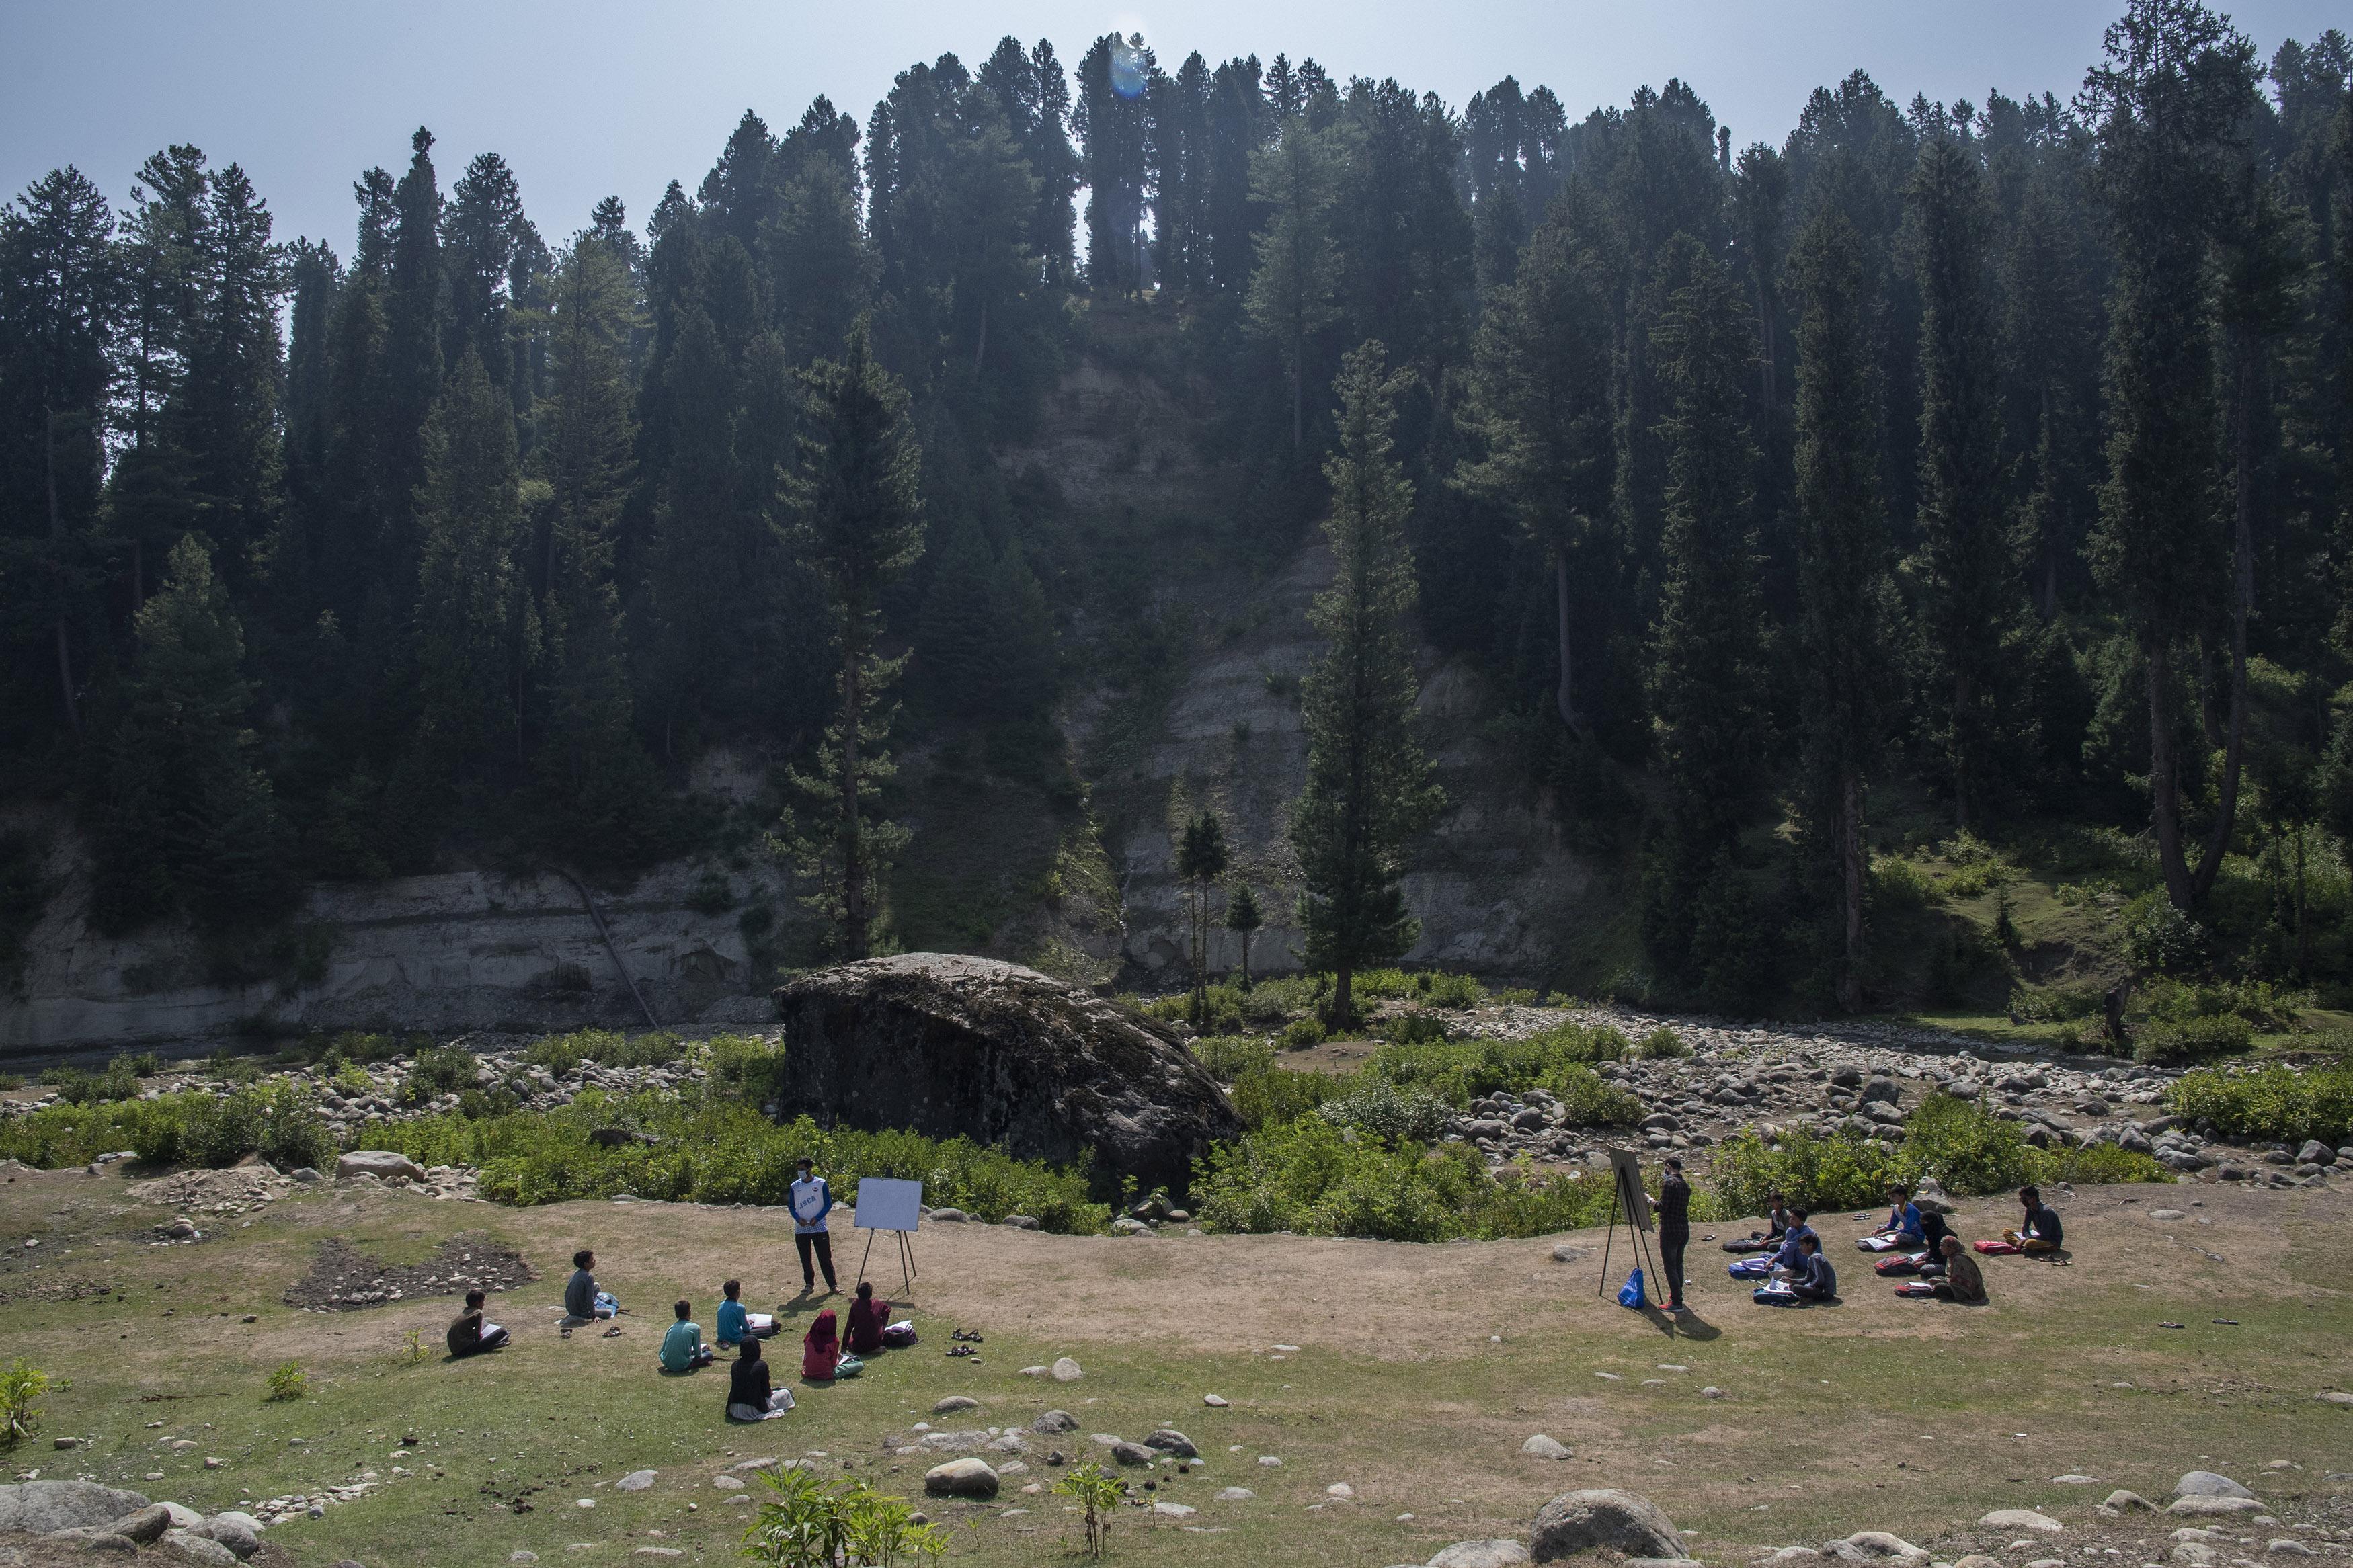 कश्मीर के सुदूरवर्ती गांवों में इस तरह संचालित हो रहे हैं ओपन एयर कम्युनिटी स्कूल। फोटो: आबिद बट